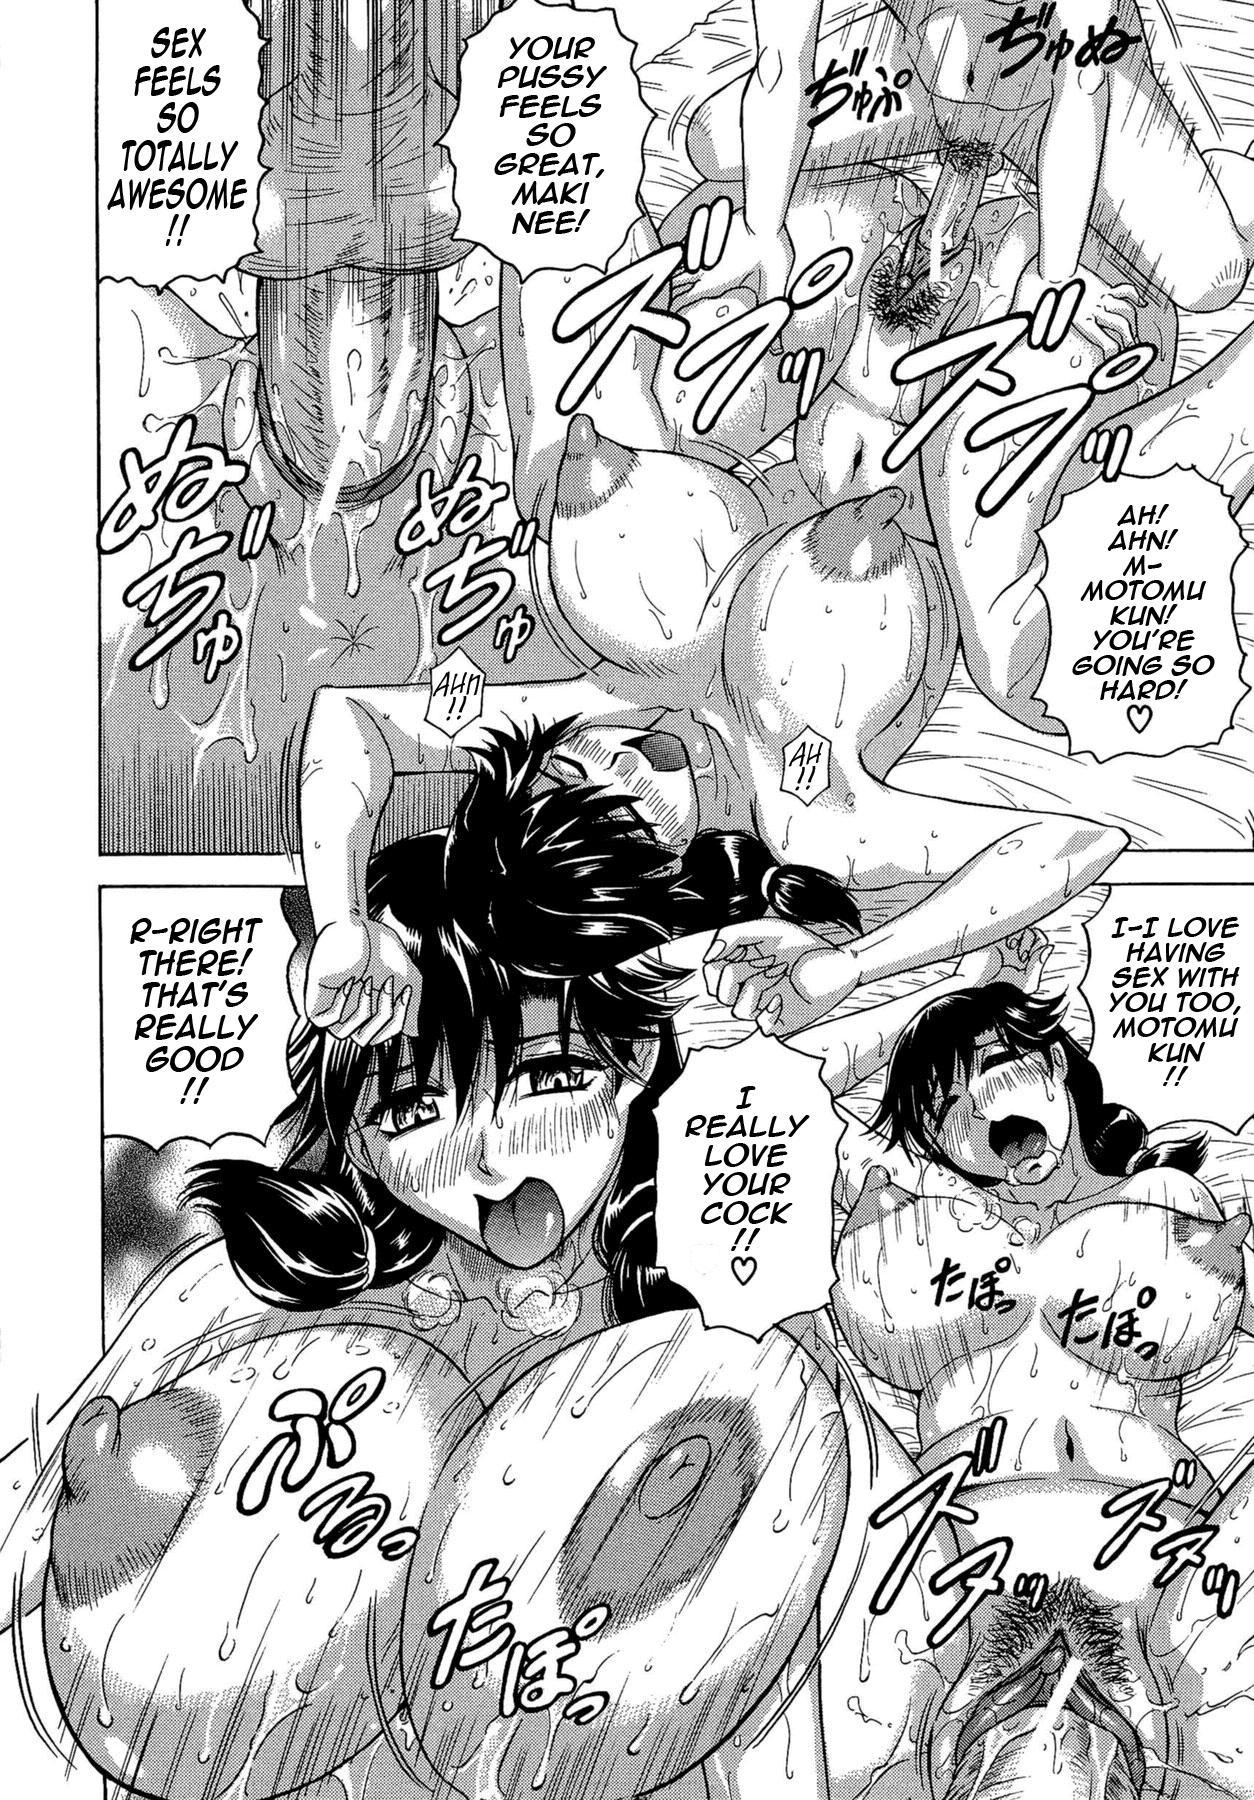 [Jamming] Koibito ha Tonari no Oneesan (Hatsujyouki) | My Lover is the Girl Next Door [English] {Tadanohito} 157